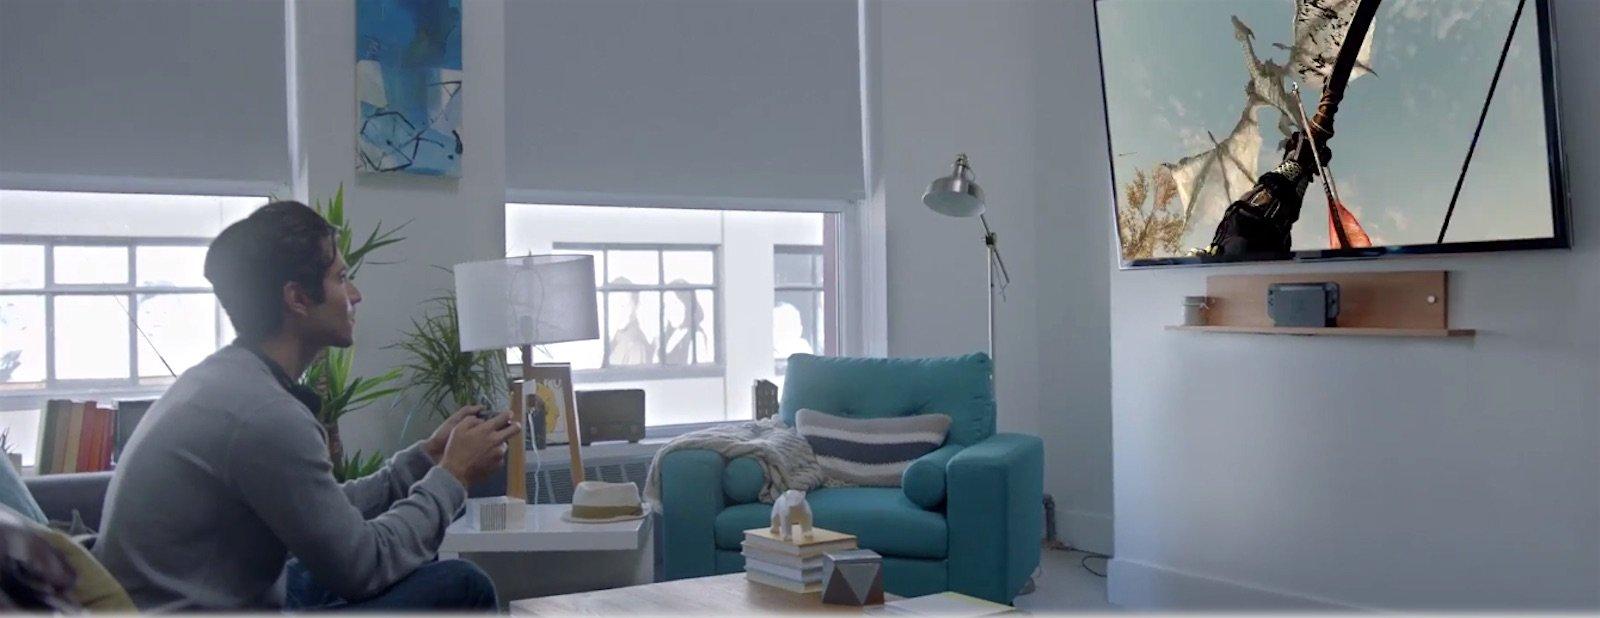 Am größten ist es daheim: Hier kann der Spieler den Bildschirm nutzen.